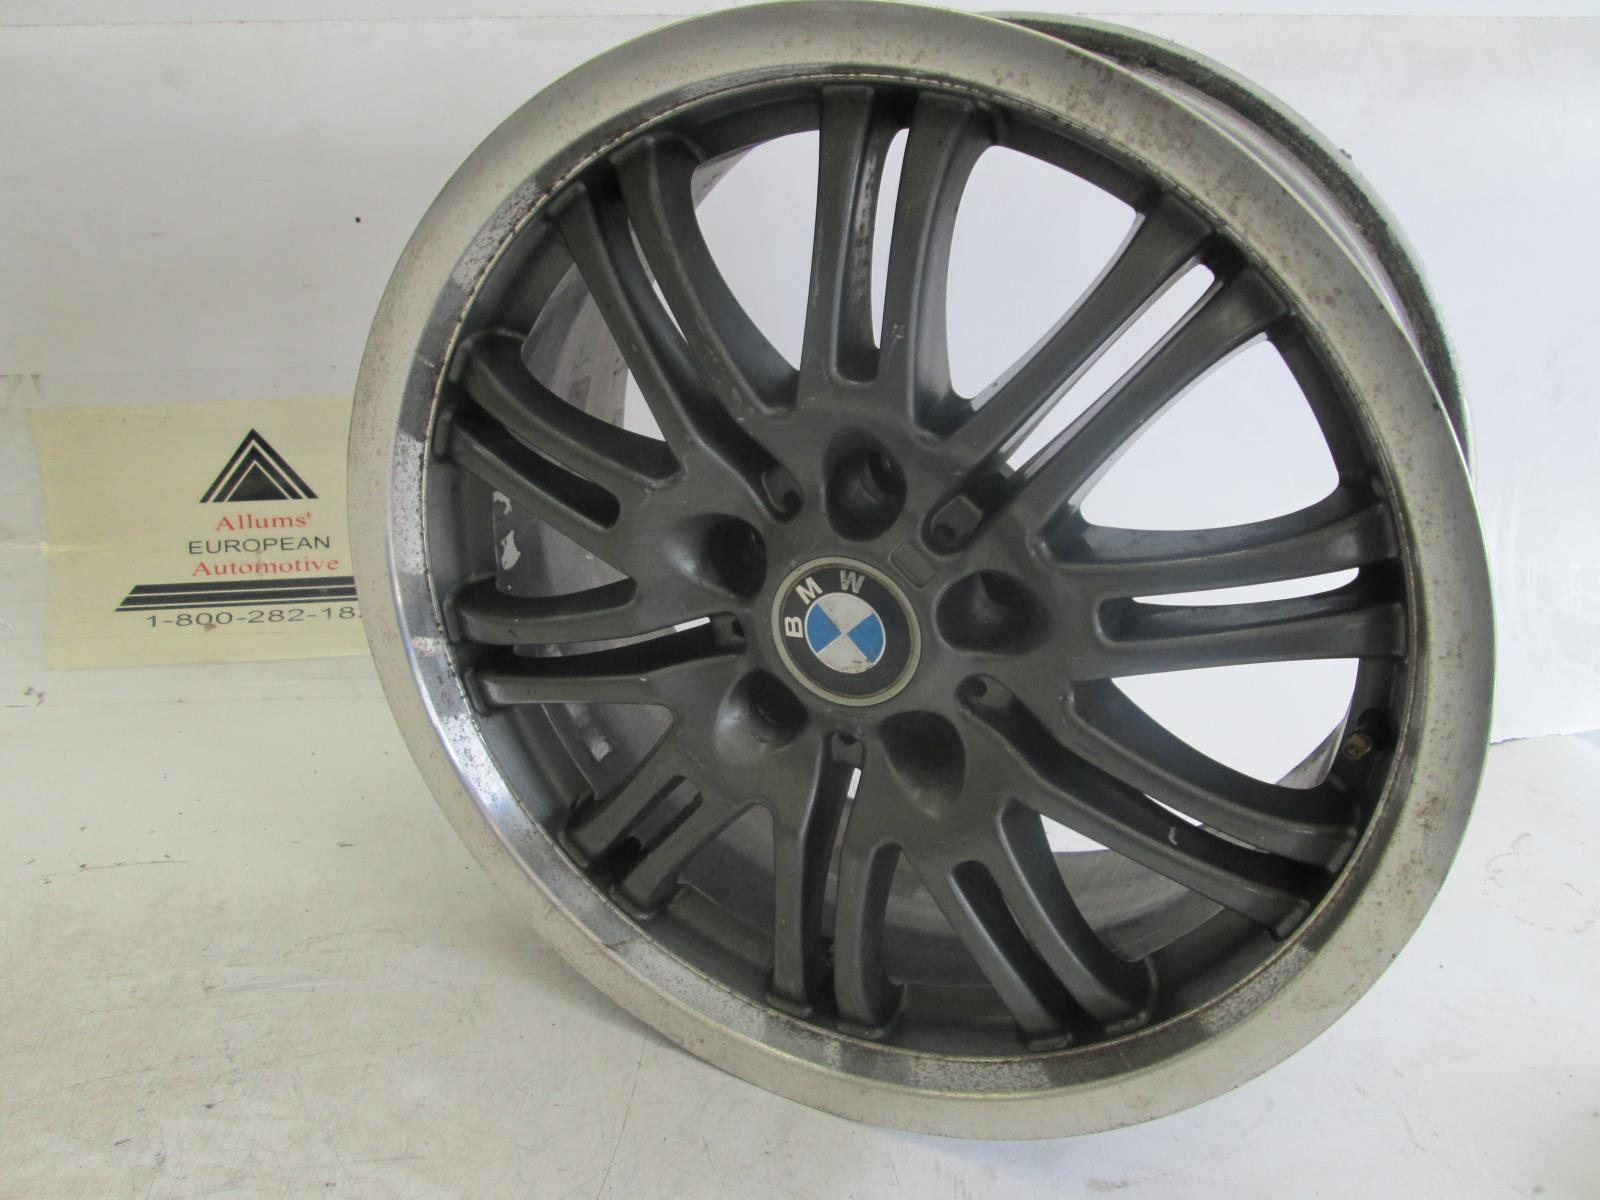 Bmw E46 M3 Style 67 18x8 Et13 Replica Wheel 1306